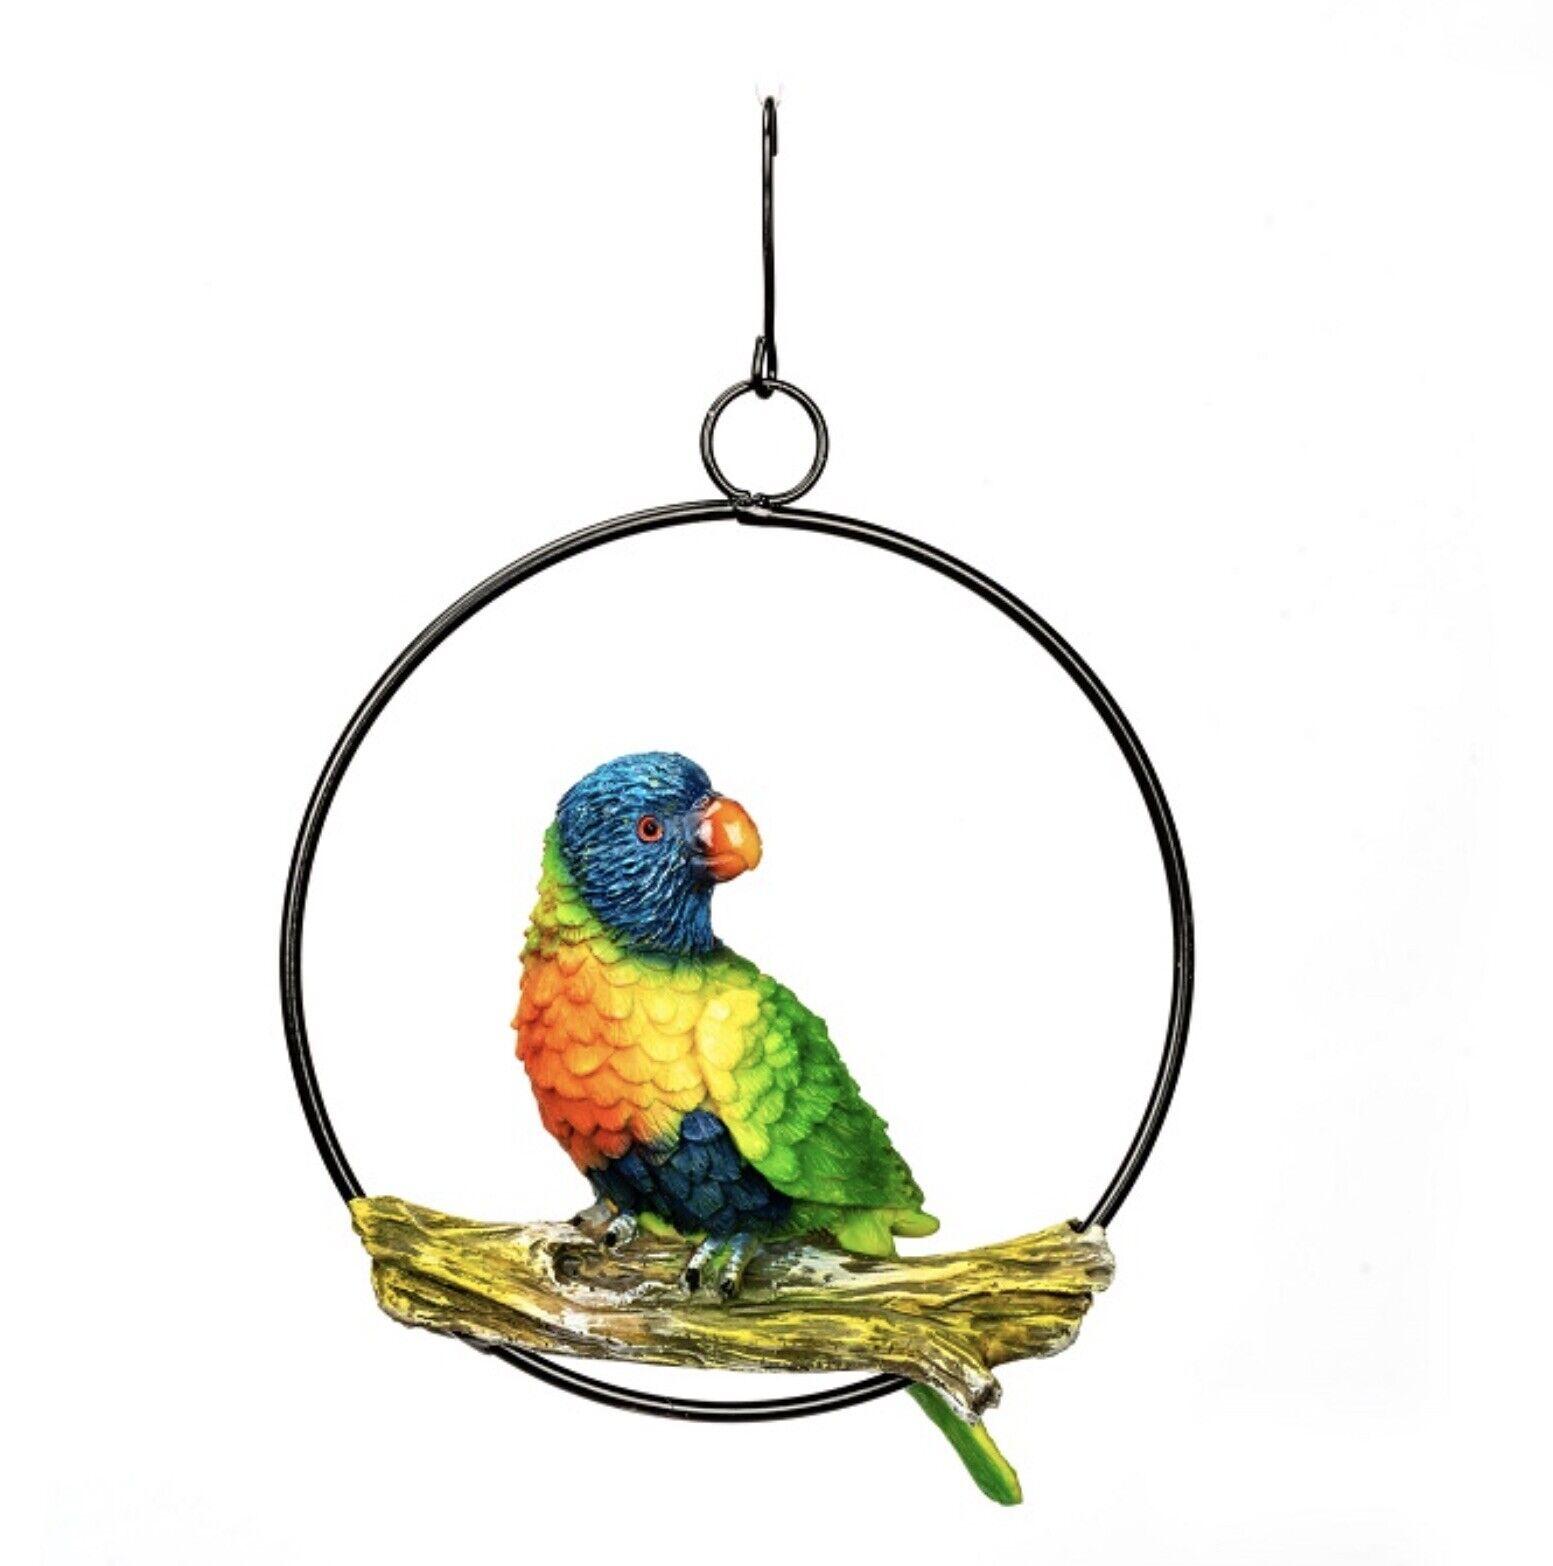 Parrot Bird on Metal Hanging Ring Australian Native Lorikeet